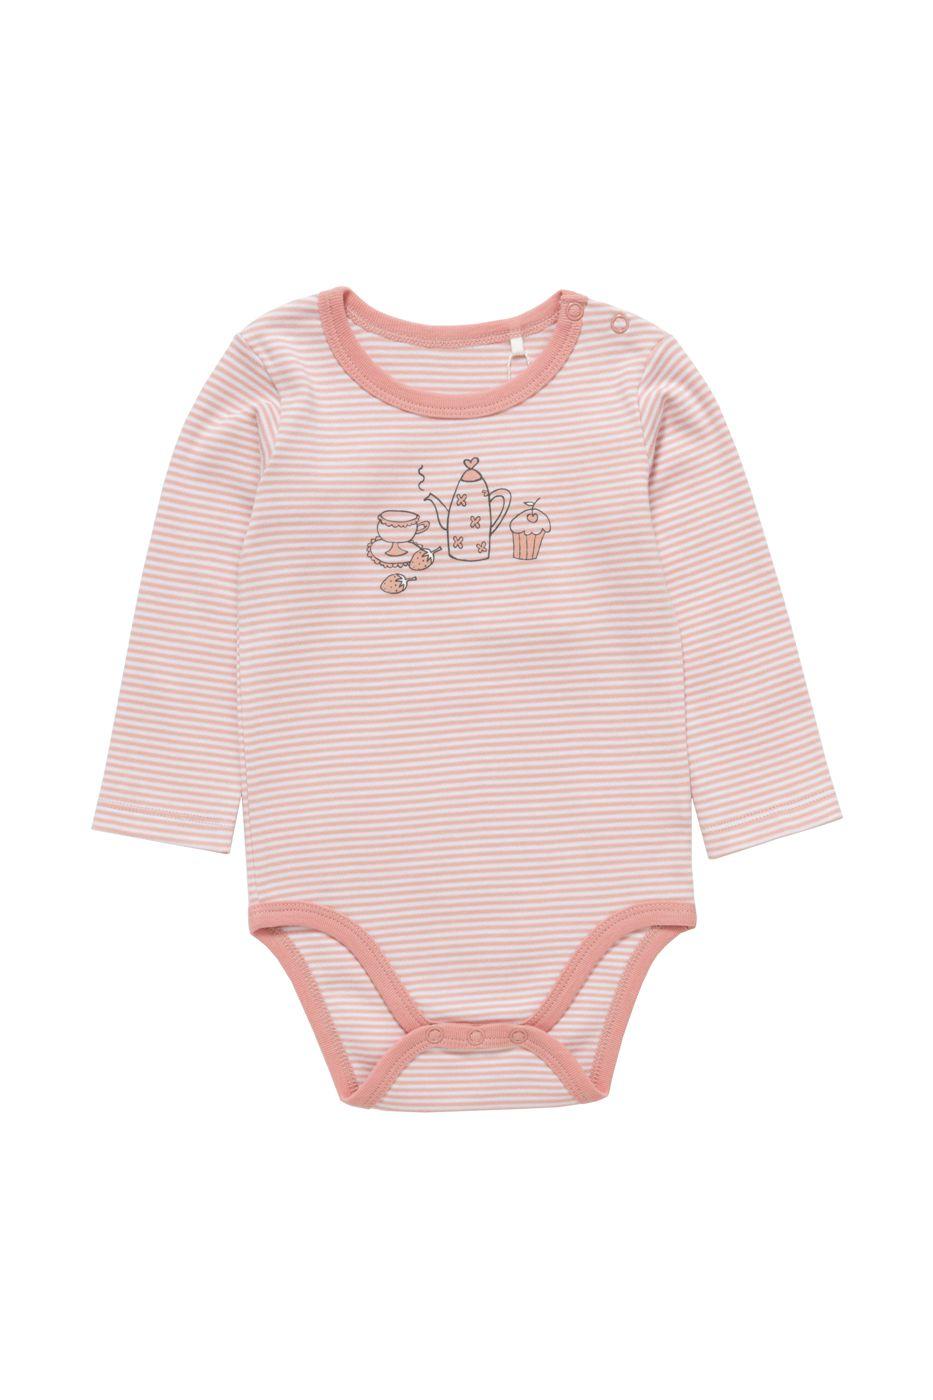 Боди детское artie, цв. розовый, р-р 68 Artie   фото